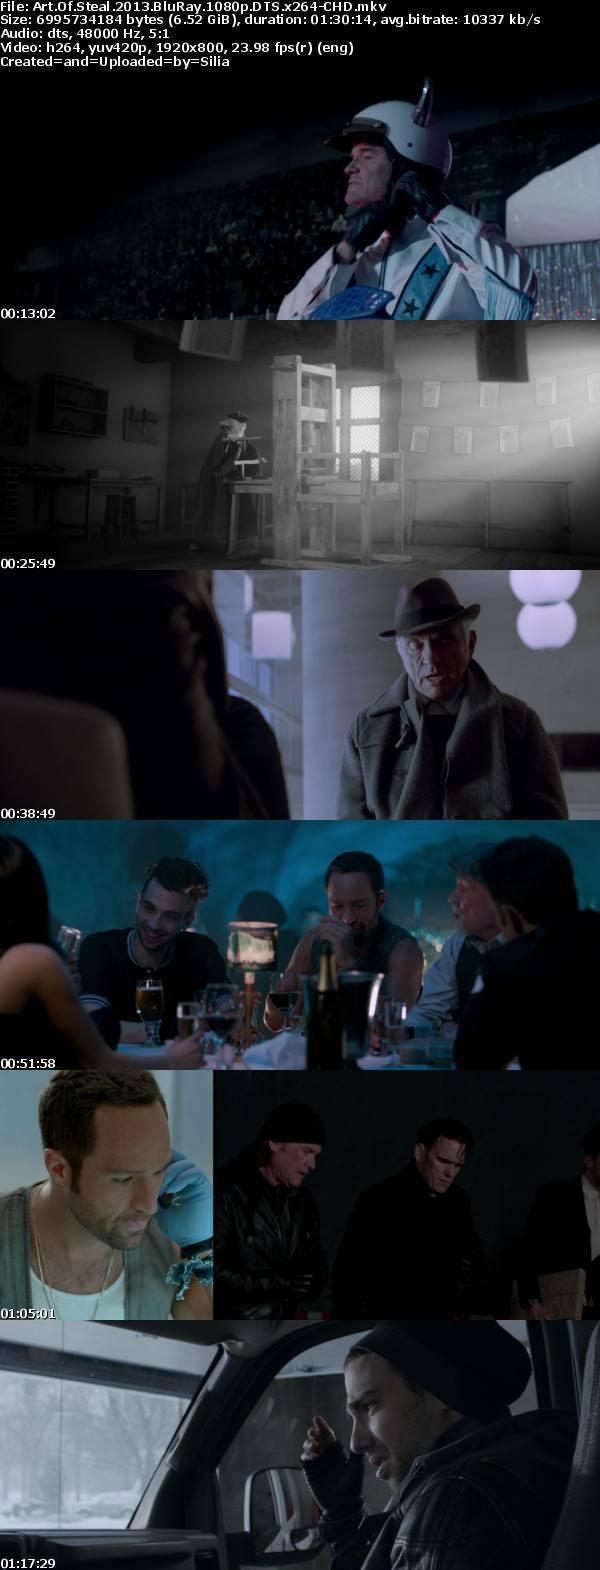 Art Of Steal 2013 BluRay 1080p DTS x264-CHD